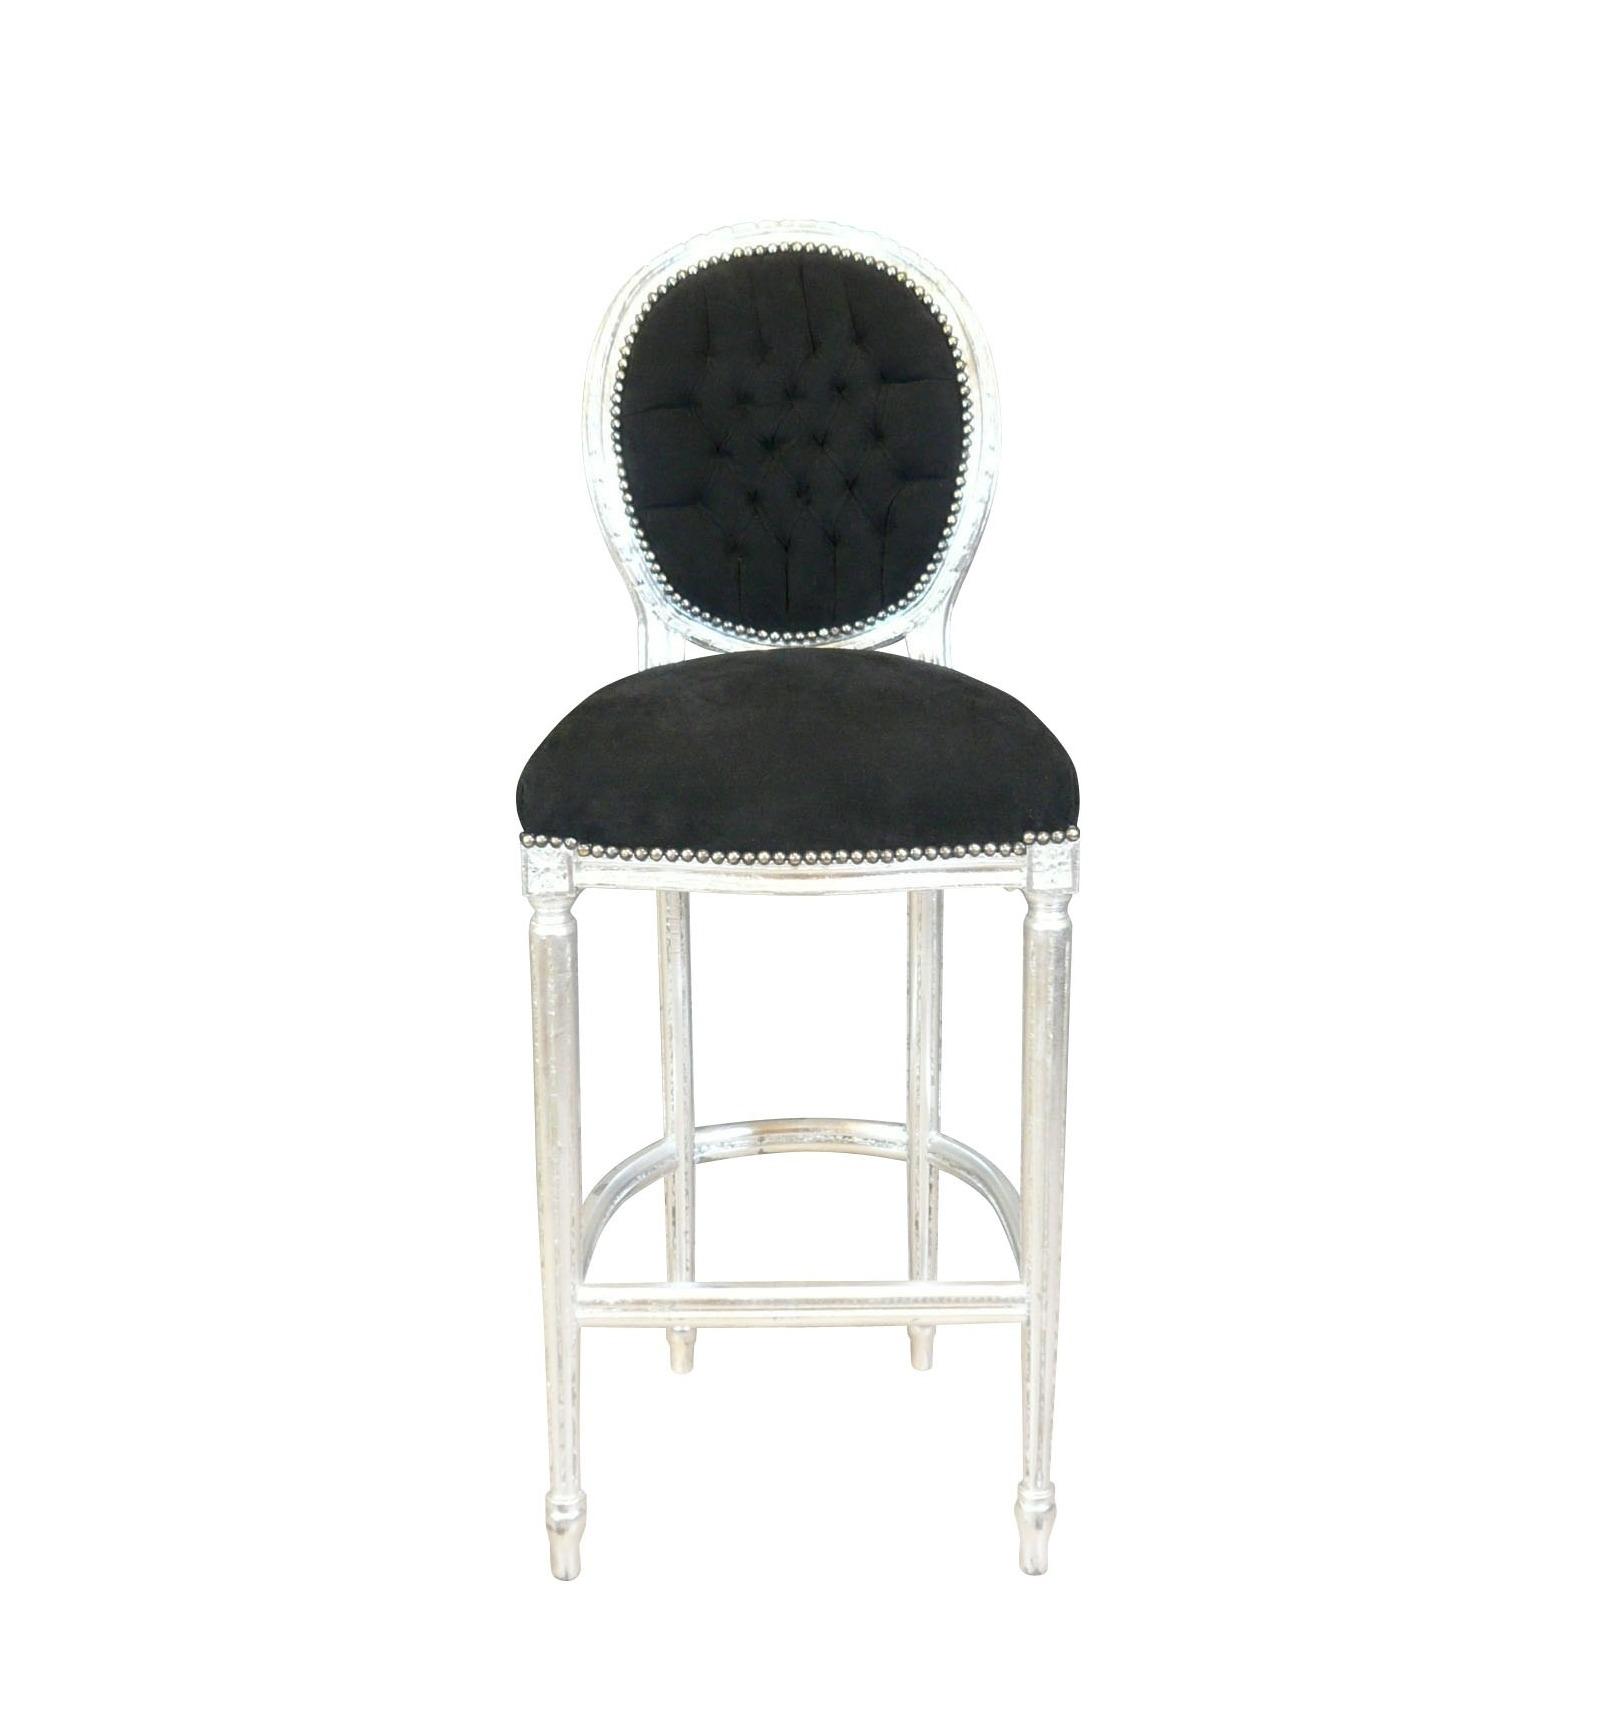 Chaise de bar baroque de style louis xvi noire et argent - Chaise de bureau baroque ...